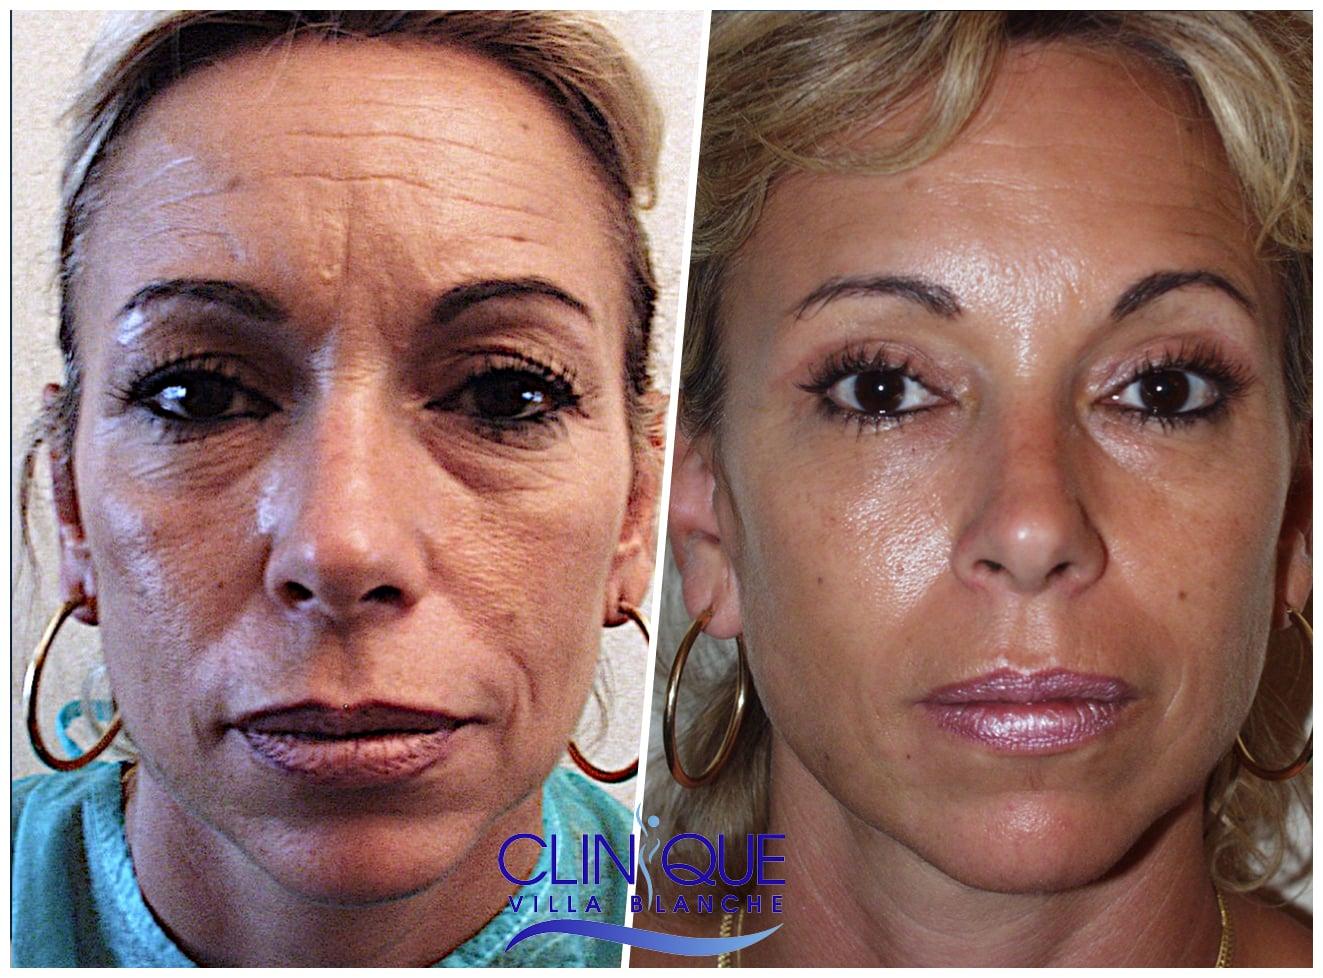 lifting du visage chirurgie esthétique Nice Cannes